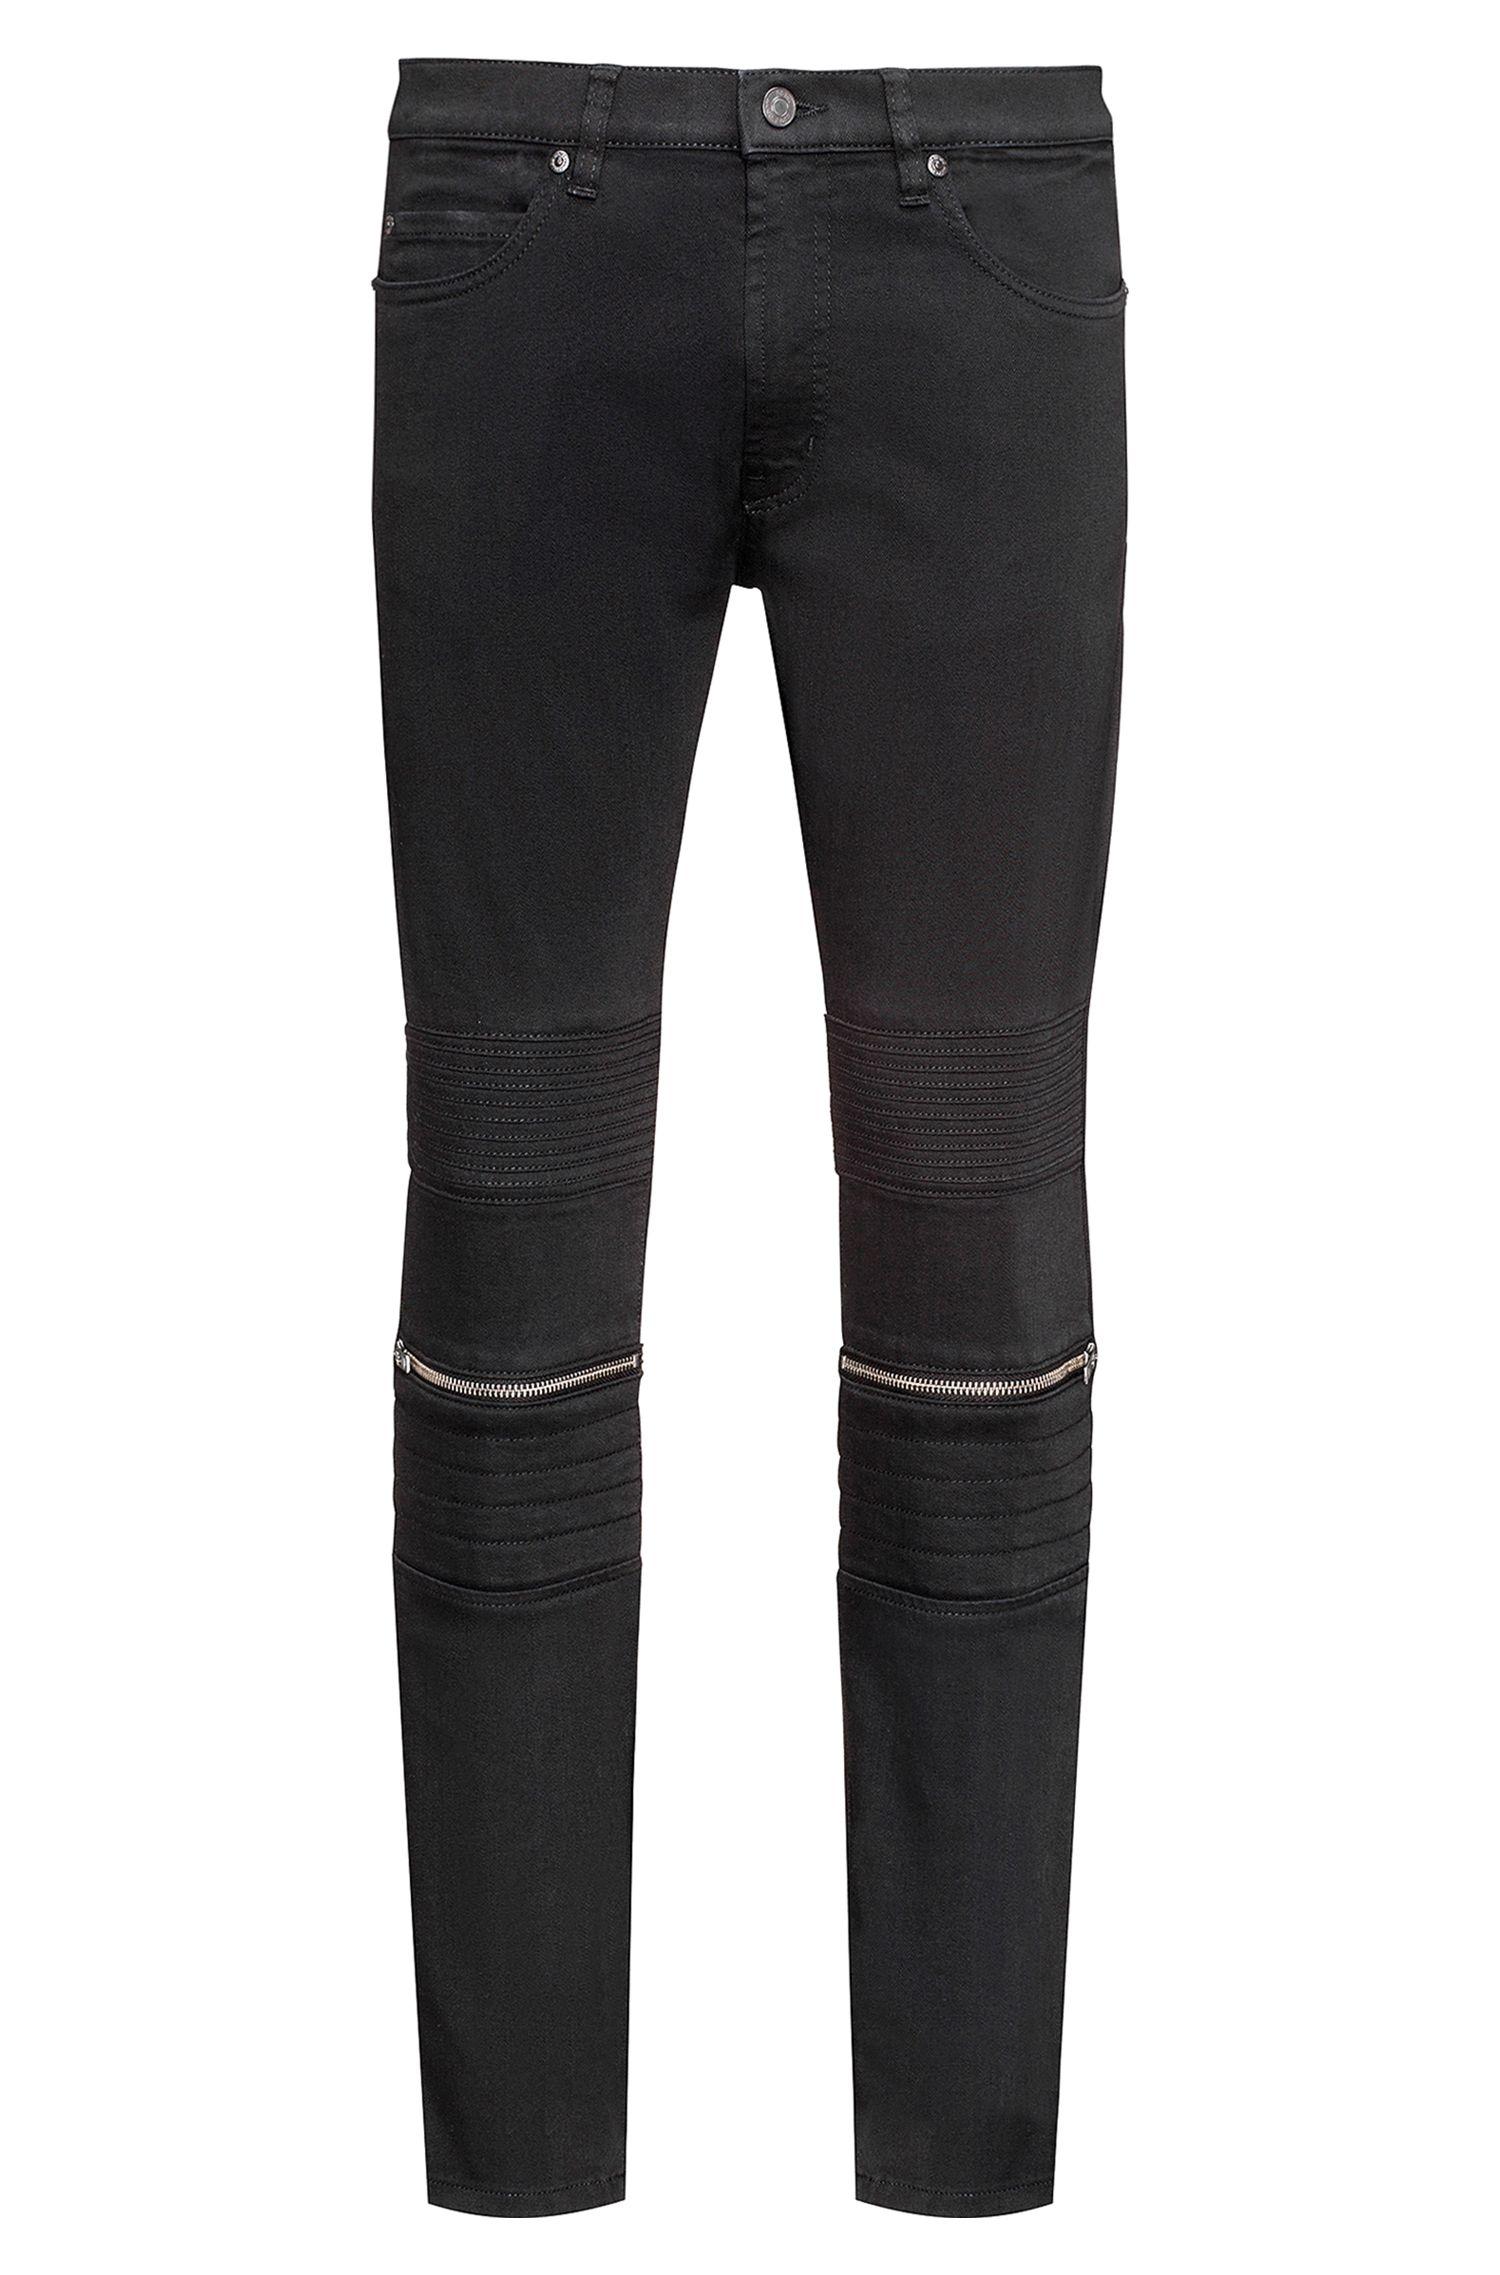 Jeans skinny fit in denim elasticizzato nero con dettagli stile biker